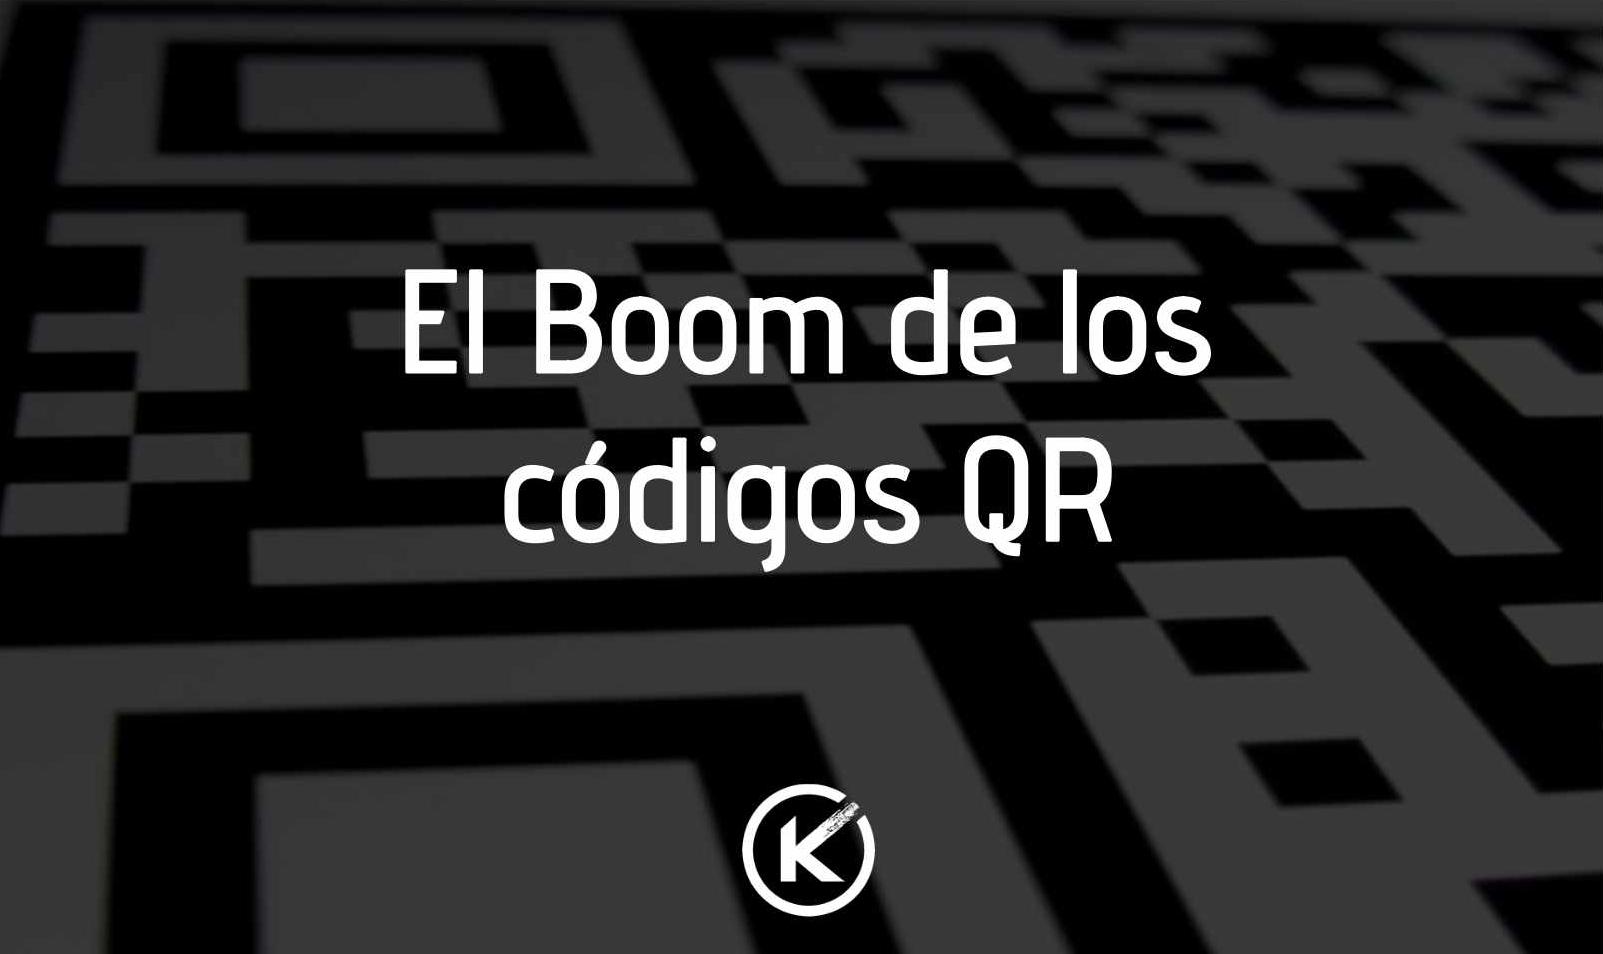 El boom de los códigos QR